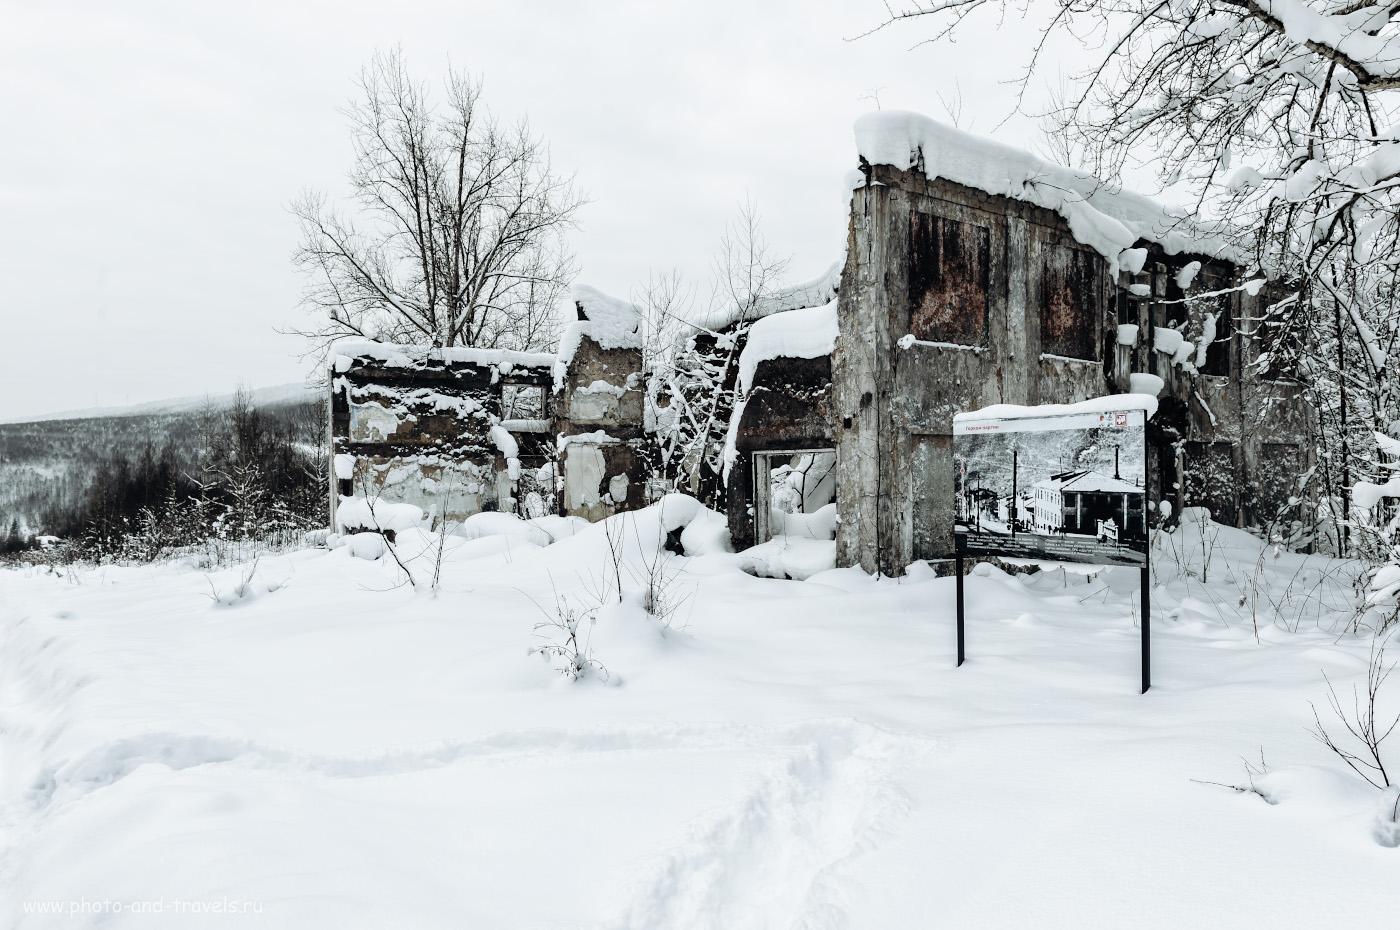 Фото 13. Остатки здания горкома коммунистической партии в городе-призраке (в более позднее время здесь располагался детский садик). 1/80, 8.0, 200, +1.33, 24.